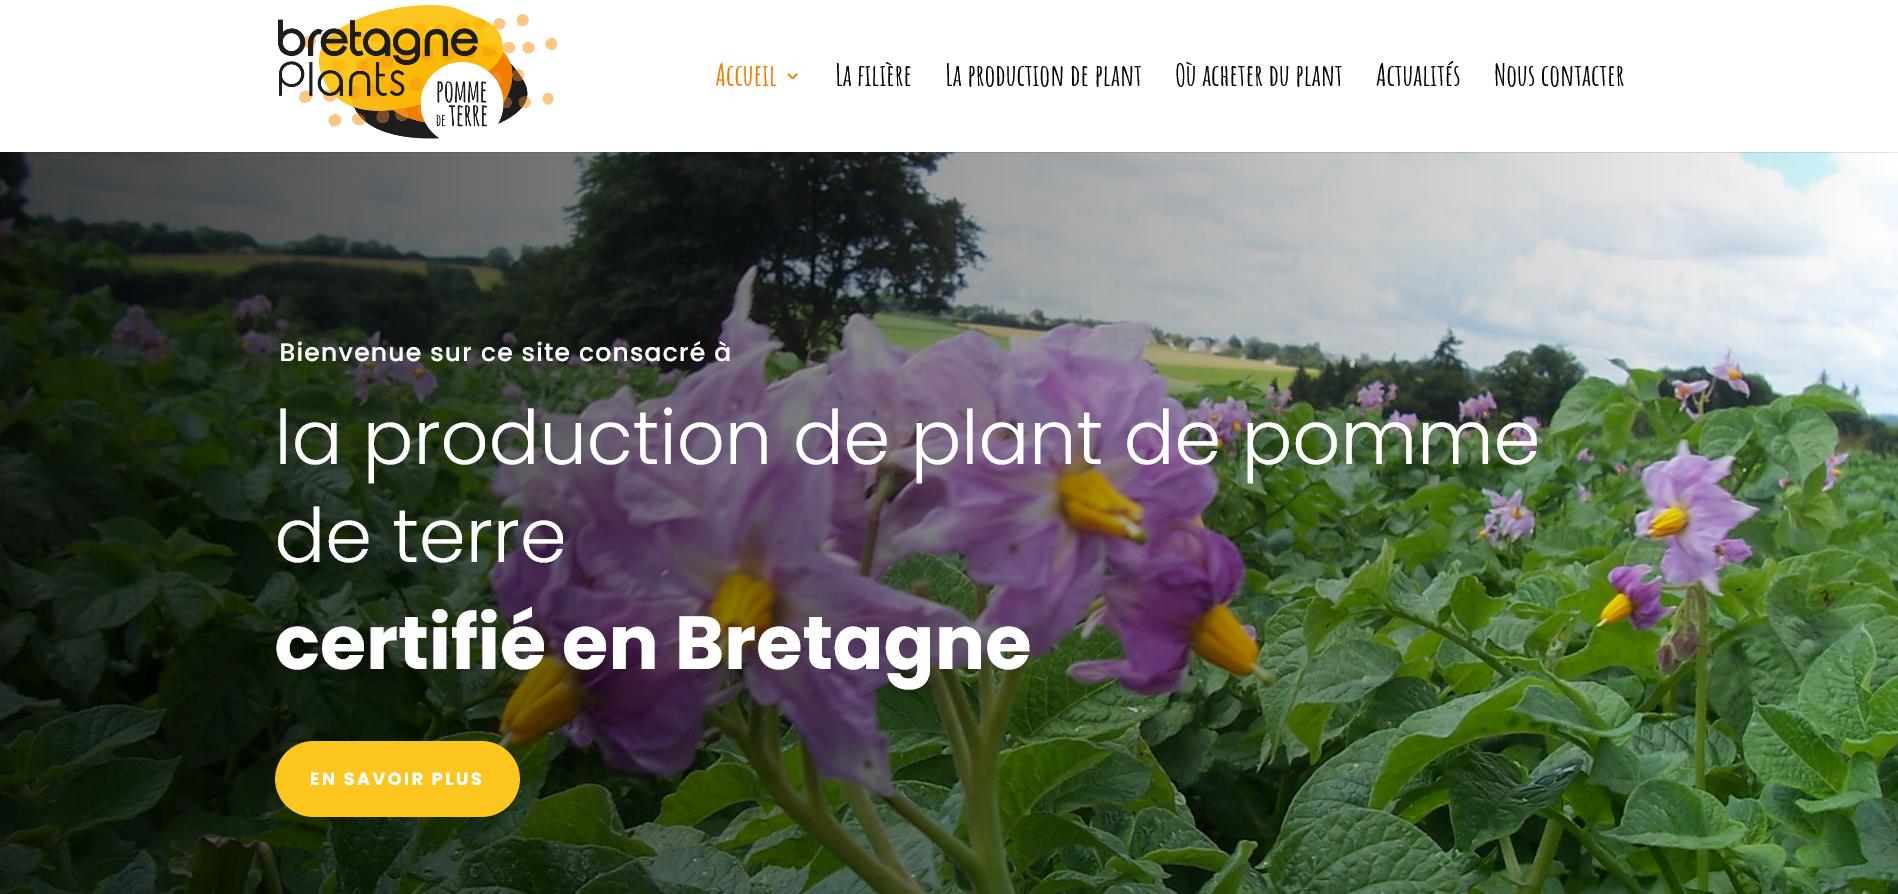 Bretagne Plants Le choix dun plant de qualité